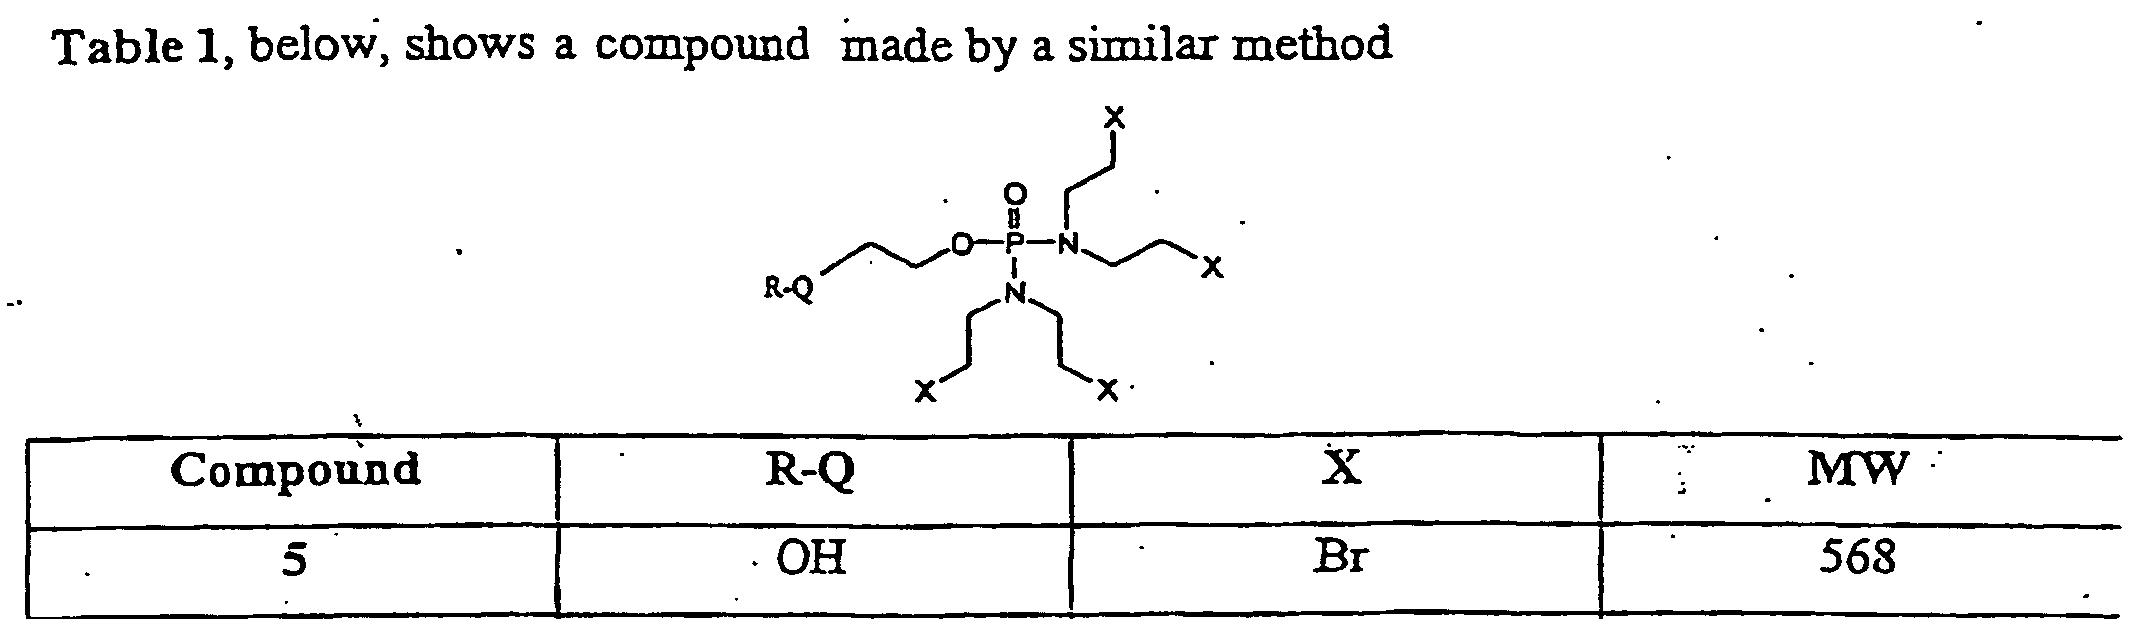 EP1278759B1 - Bis-(n,n'-bis-(2-haloethyl)amino